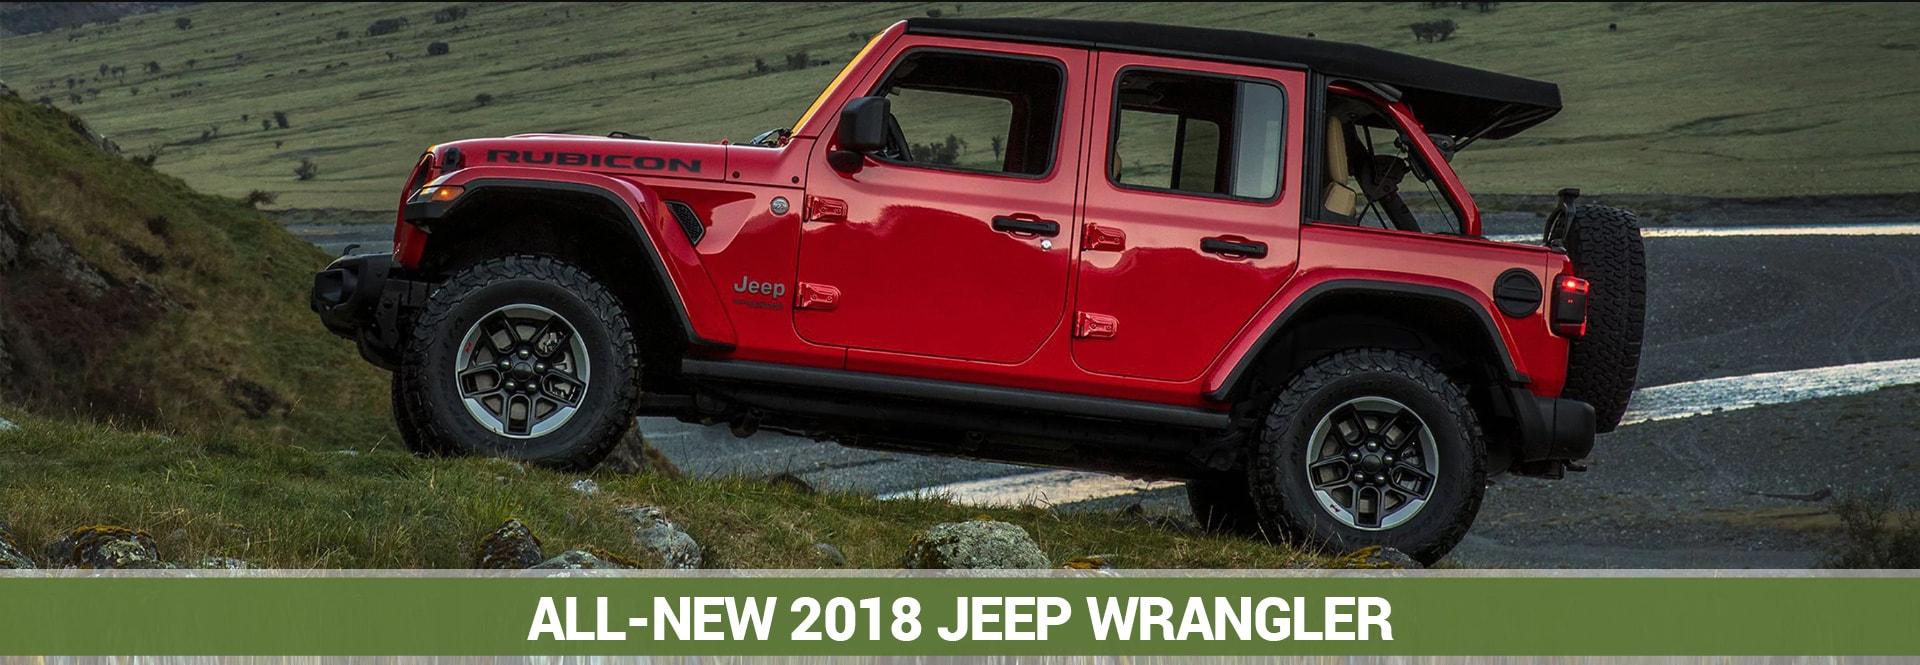 2018 Jeep Wrangler For Sale Barrie Chrysler Drain 2017